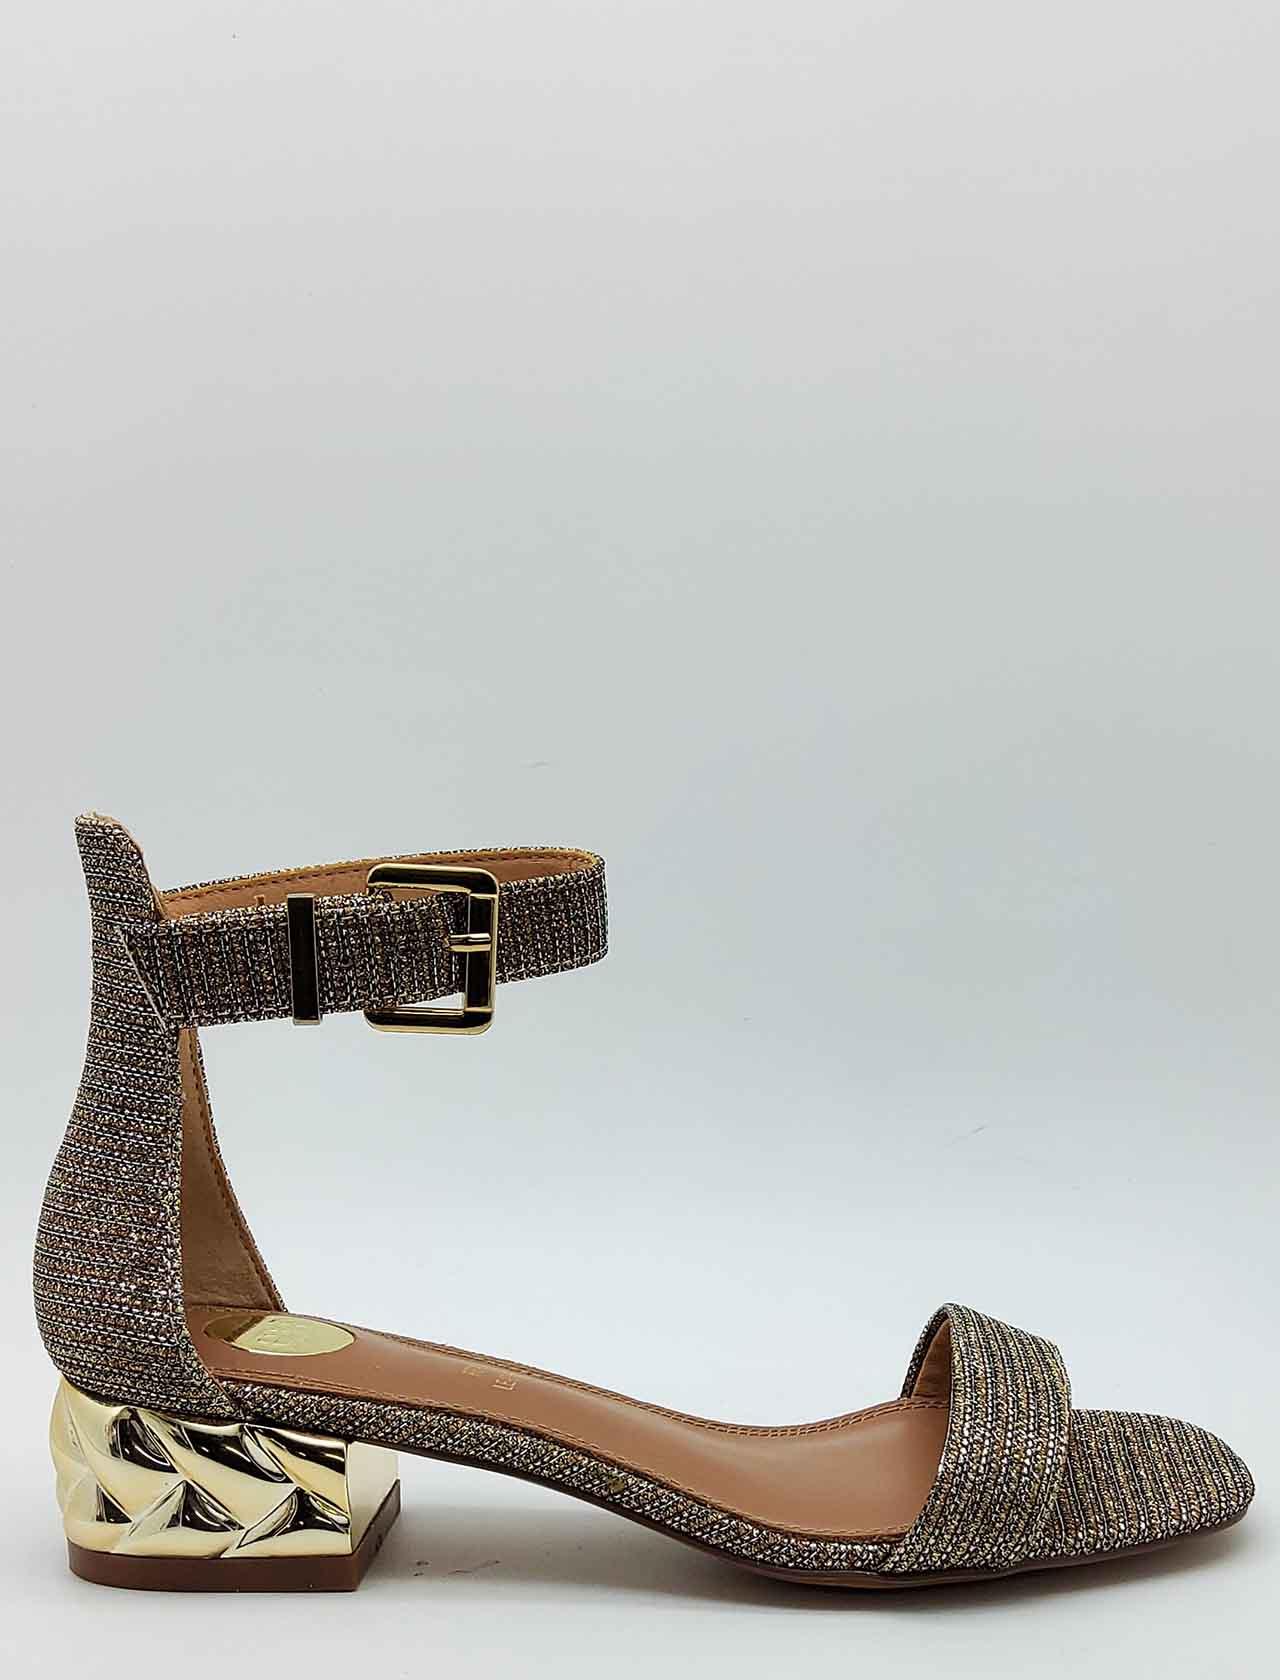 Calzature Donna Sandali in Tessuto Glitter Colore Champagne con Tacco Gioiello e Cinturino alla Caviglia Exe   Sandali   624607